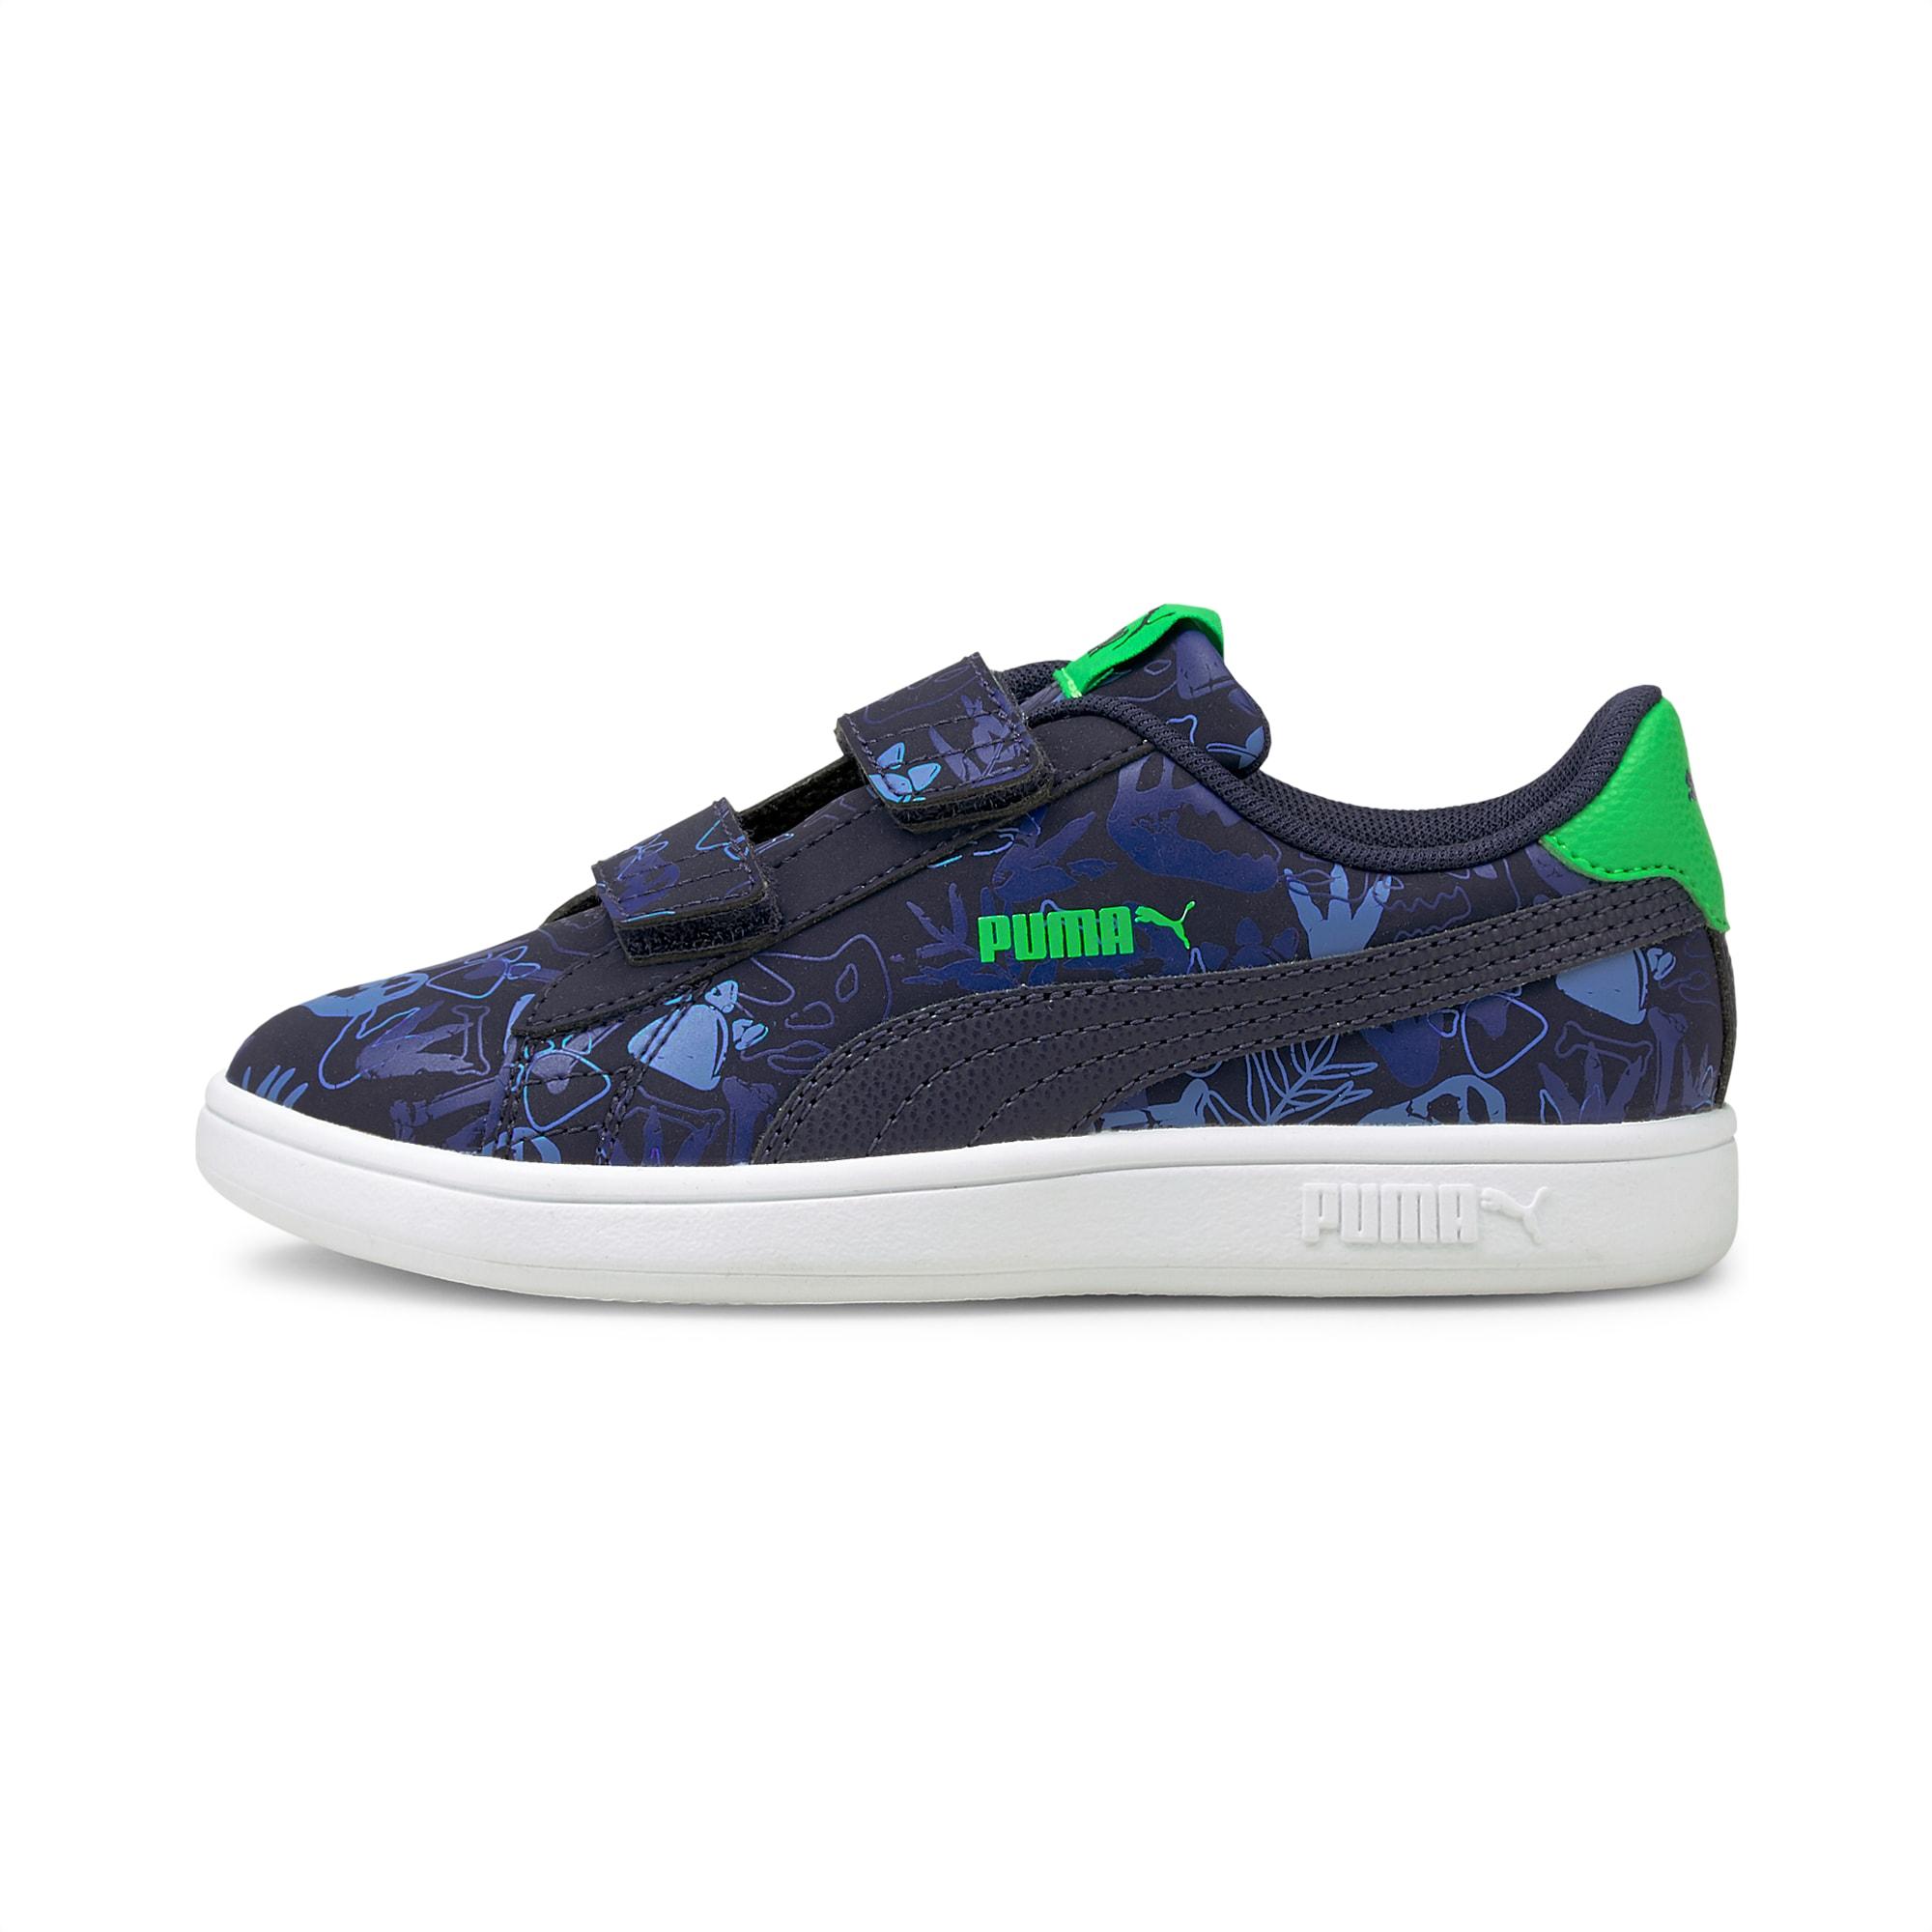 PUMA Smash v2 Archeo Summer Kinder Sneaker Schuhe   Mit Aucun   Blau   Größe: 31.5